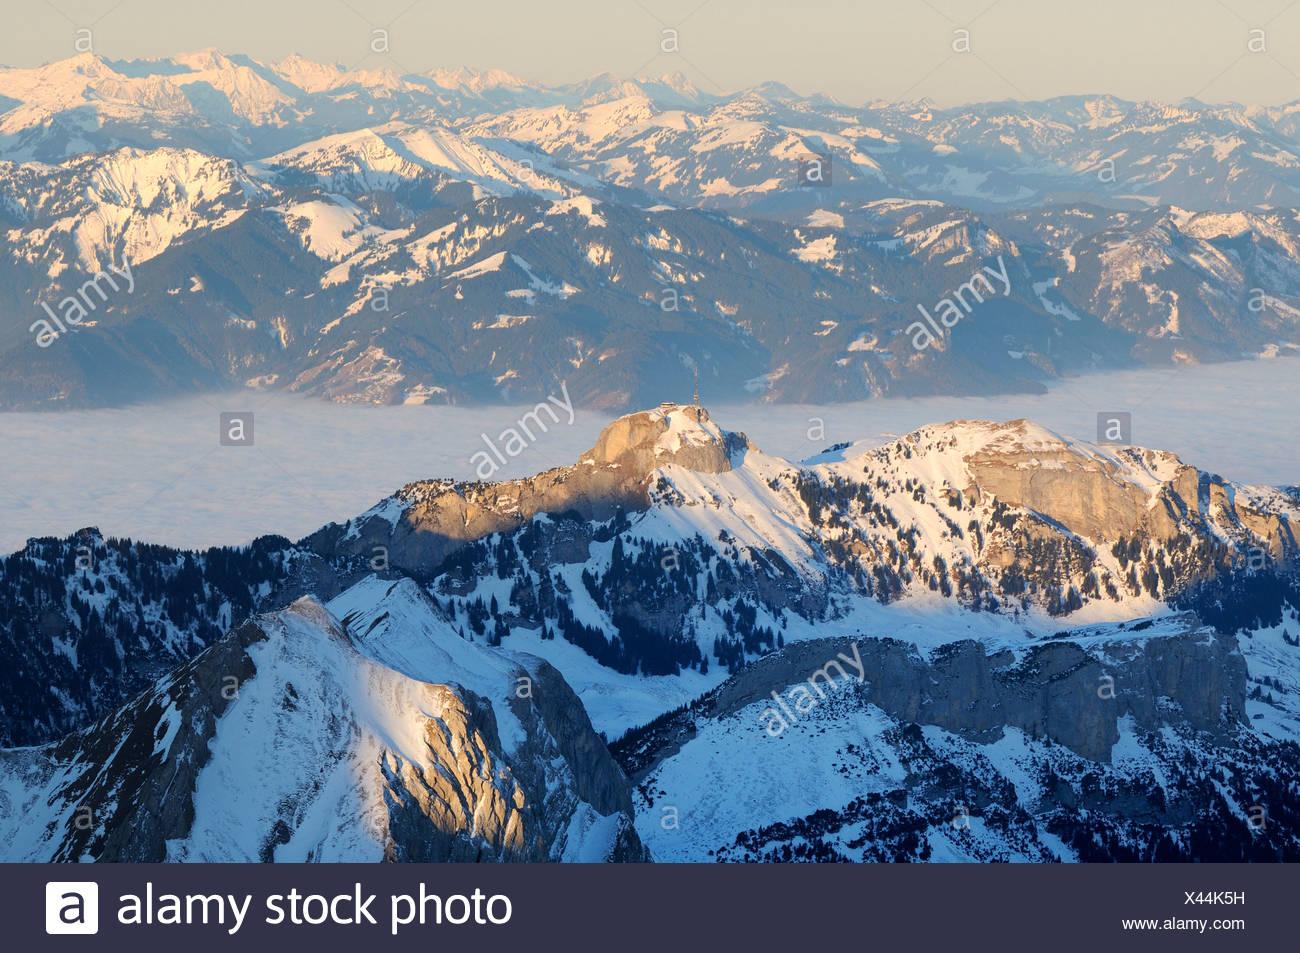 Mt Altmann e Mt Hoher Kasten nell ultimo giorno, tra di essi i foggy Valle di Rheintal, cantone di Appenzell Innerrhoden, Svizzera Immagini Stock